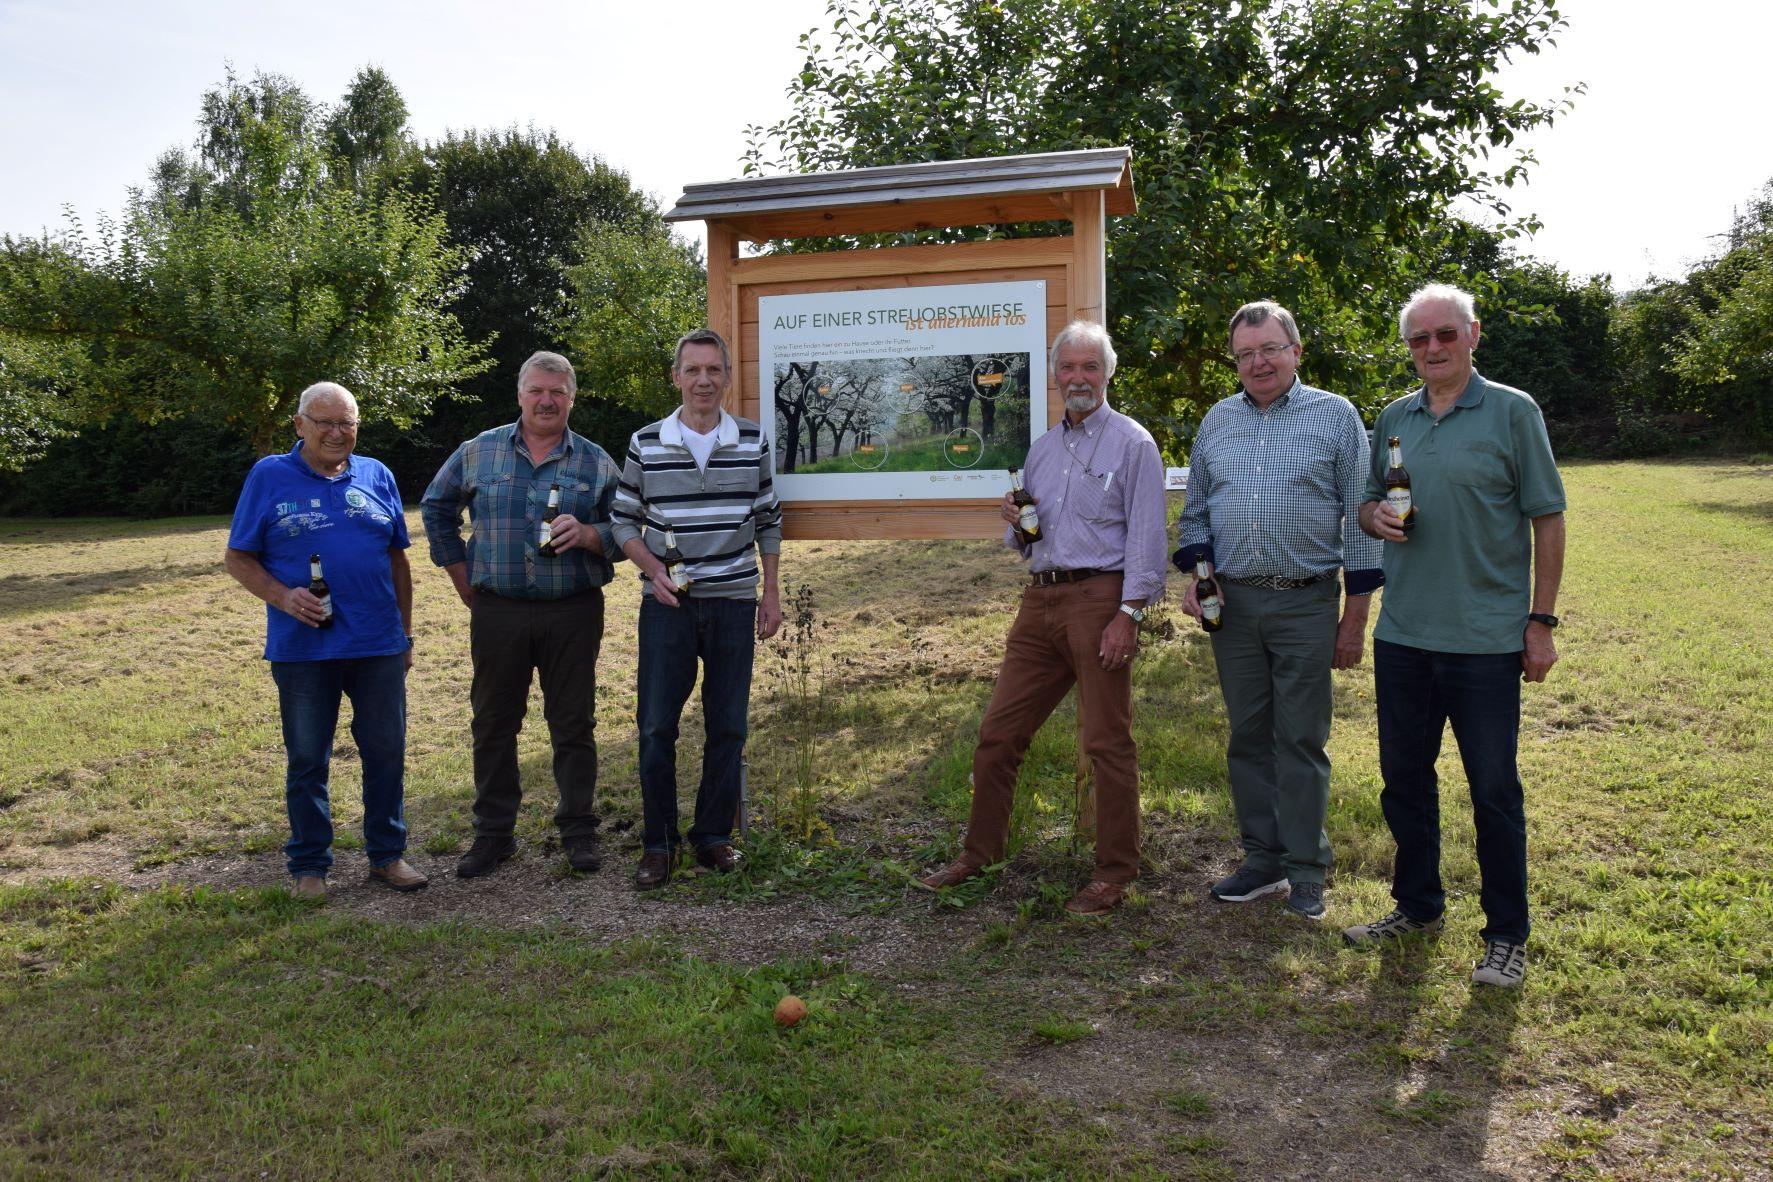 Starke Mannschaft: Die Wiese wird von Karl Kukuk, Ferdinand Paschen, Bruno Wiemers, Anton Huschen, Josef Dissen und Johannes Meier gepflegt und mit Leben erfüllt.